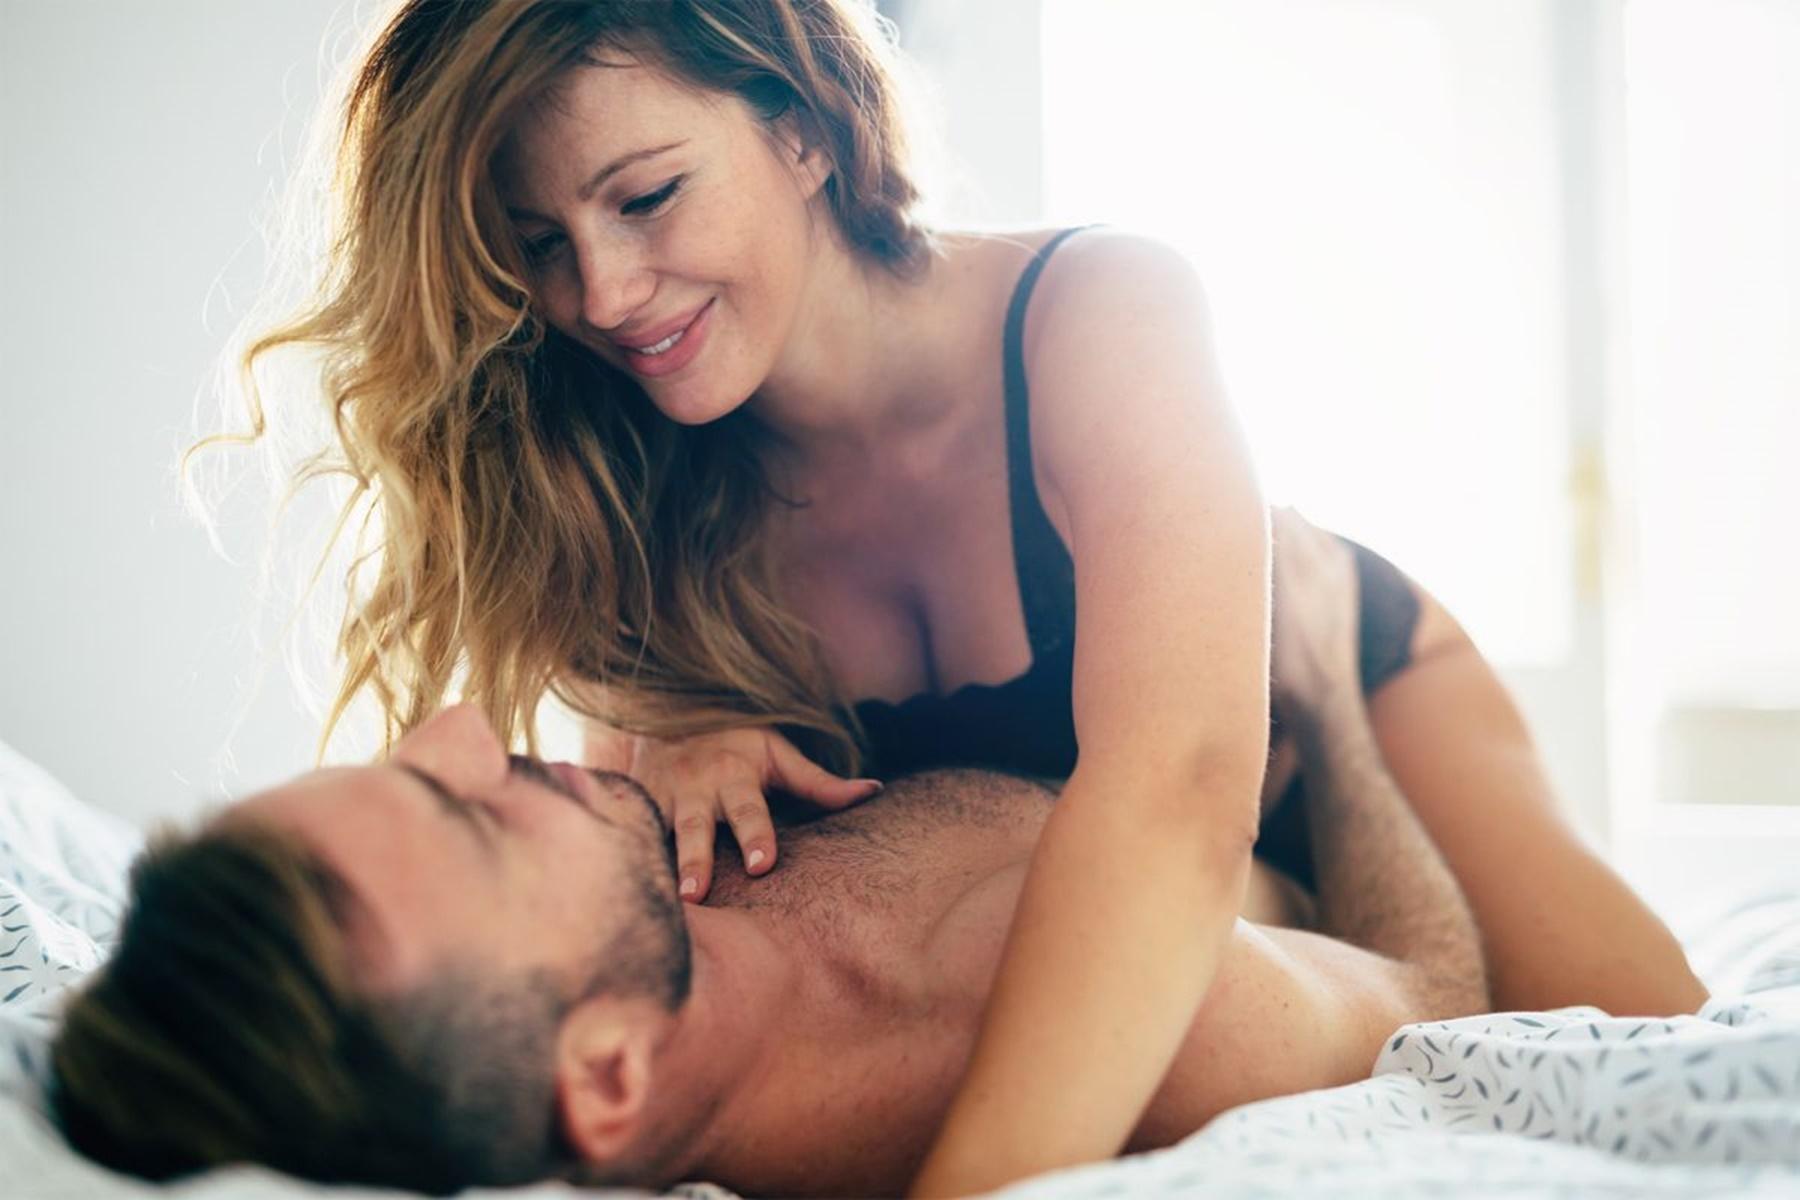 Σεξουαλική υγεία : Τα οφέλη της στην σωματική και ψυχική υγεία